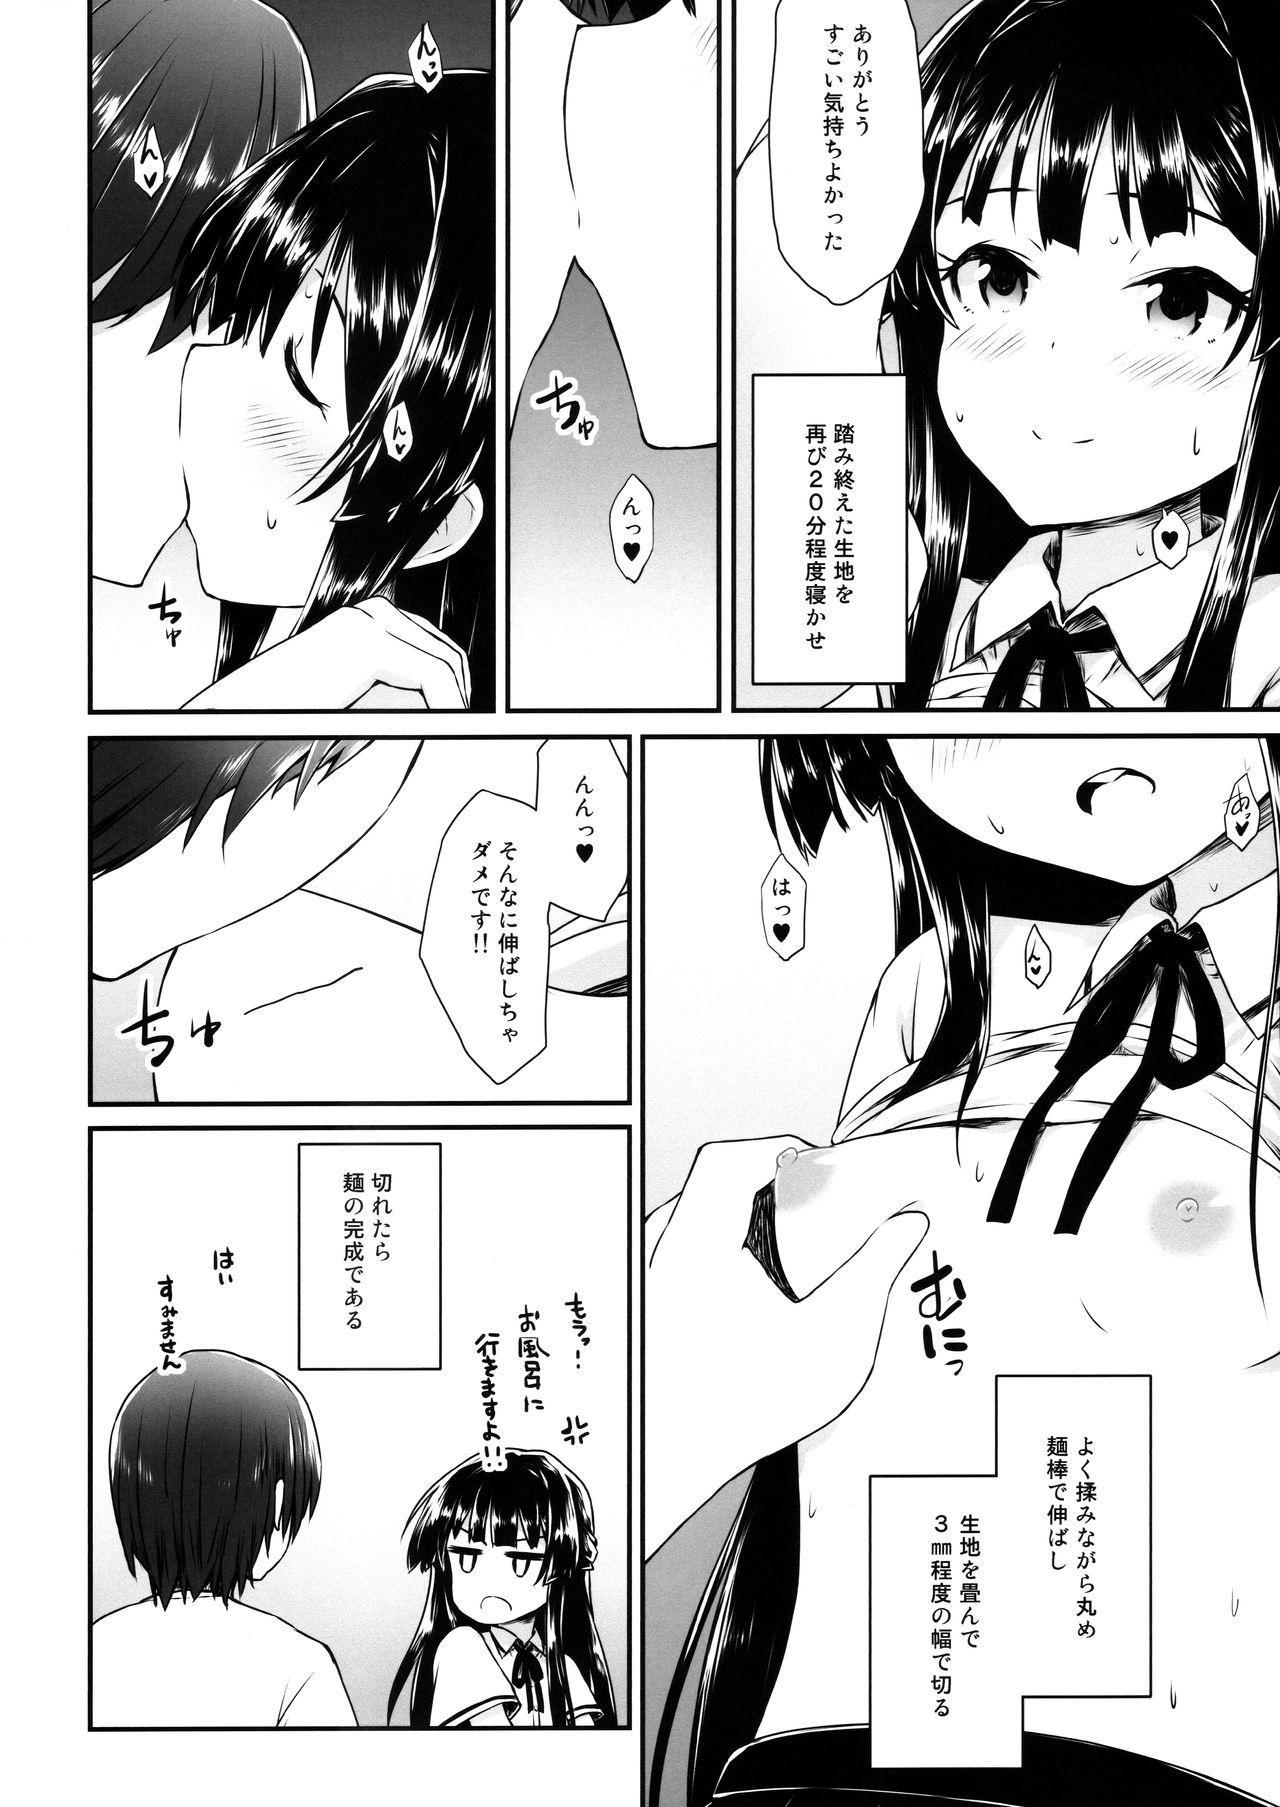 Udon no tsukurikata 10